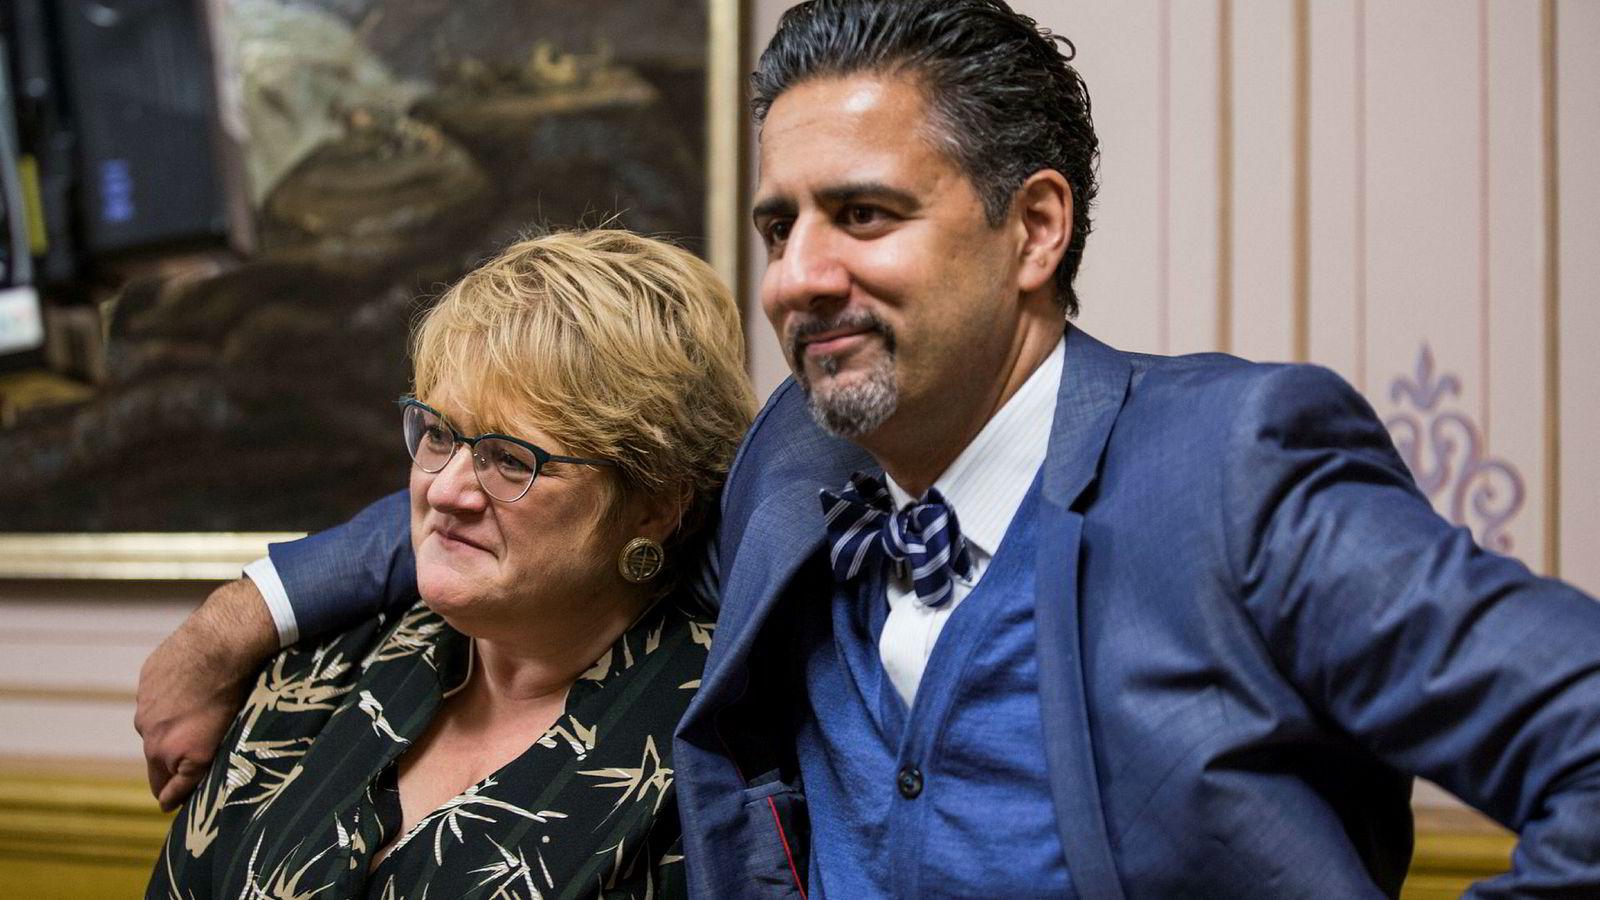 Venstre-leder Trine Skei Grande kom med sterkt nedsettende karakteristikker av Venstres finanspolitiske talsperson Abid Raja i en samtale kolleger fra andre partier hørte på. Bildet er tatt i forbindelse med fjorårets budsjettavtale.